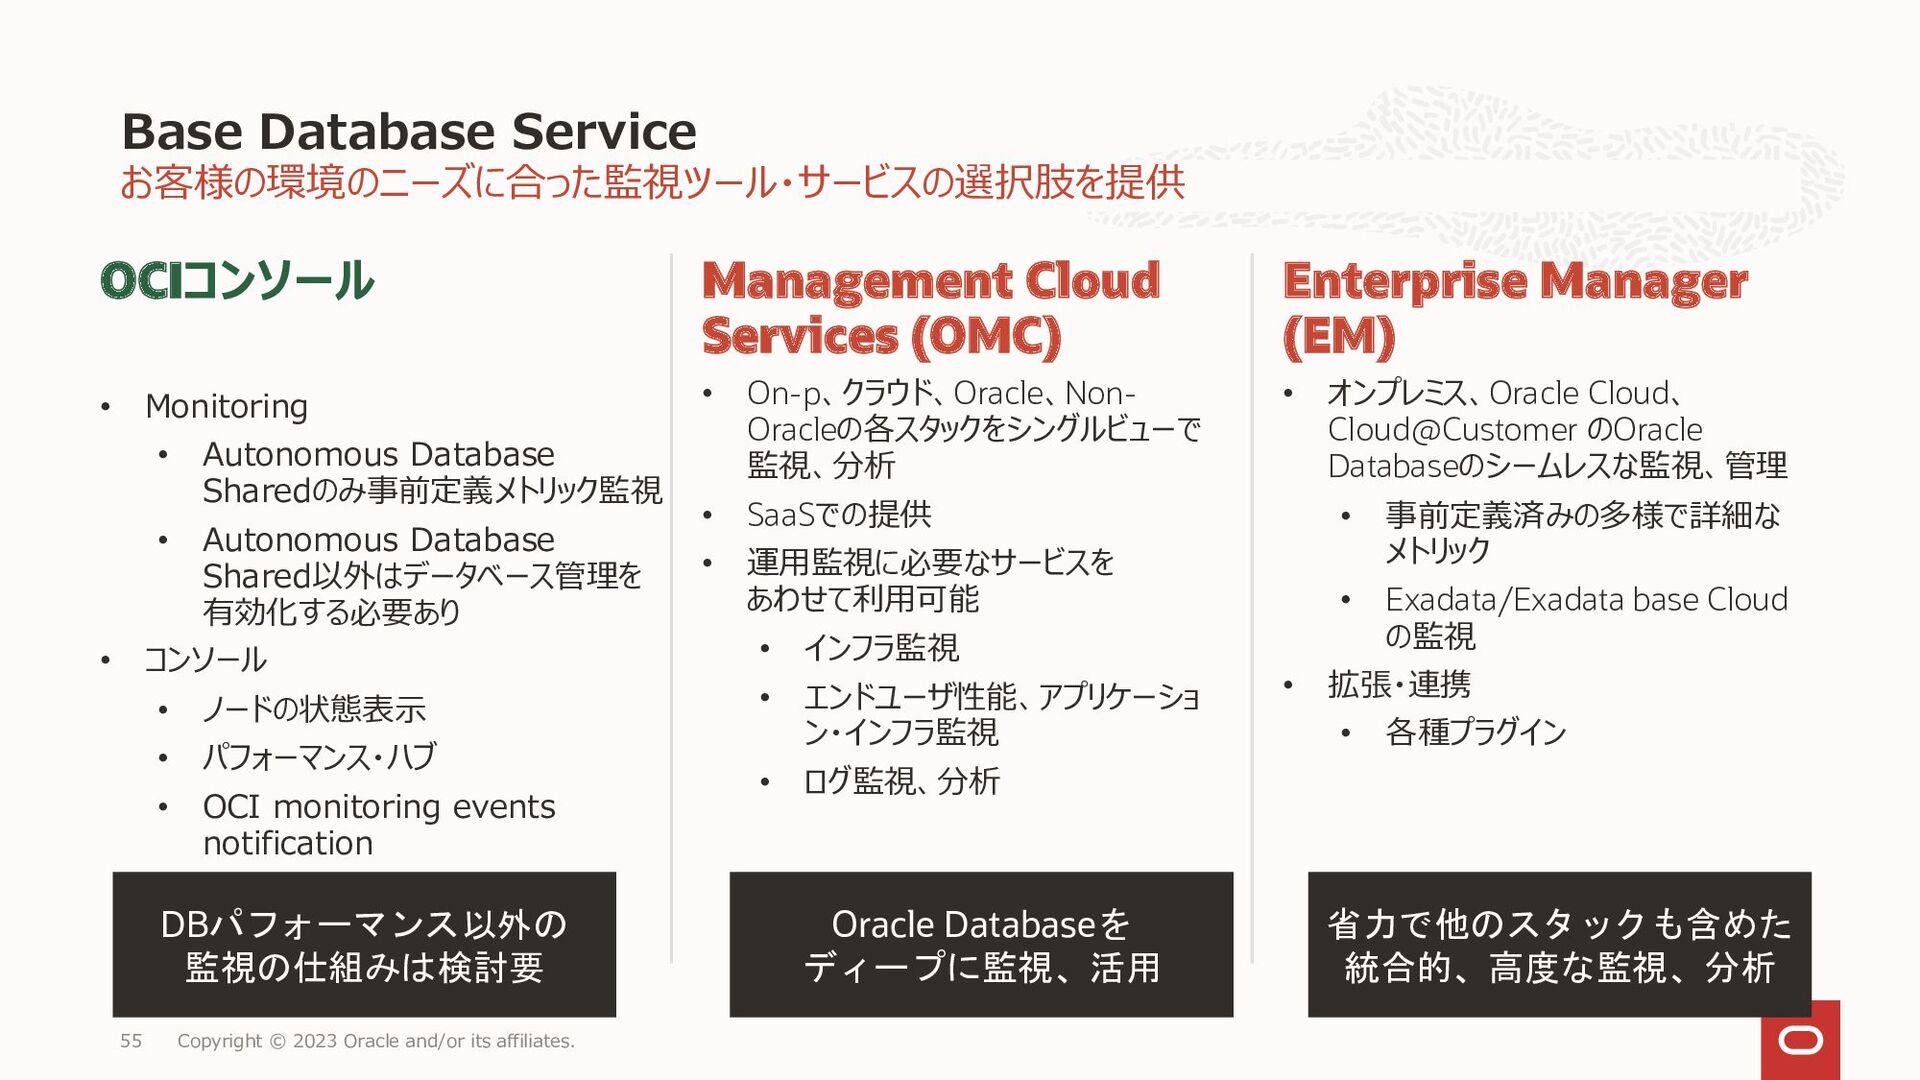 55 サービスを組み合わせたダッシュボード OMCでみるOracle Cloud Databa...